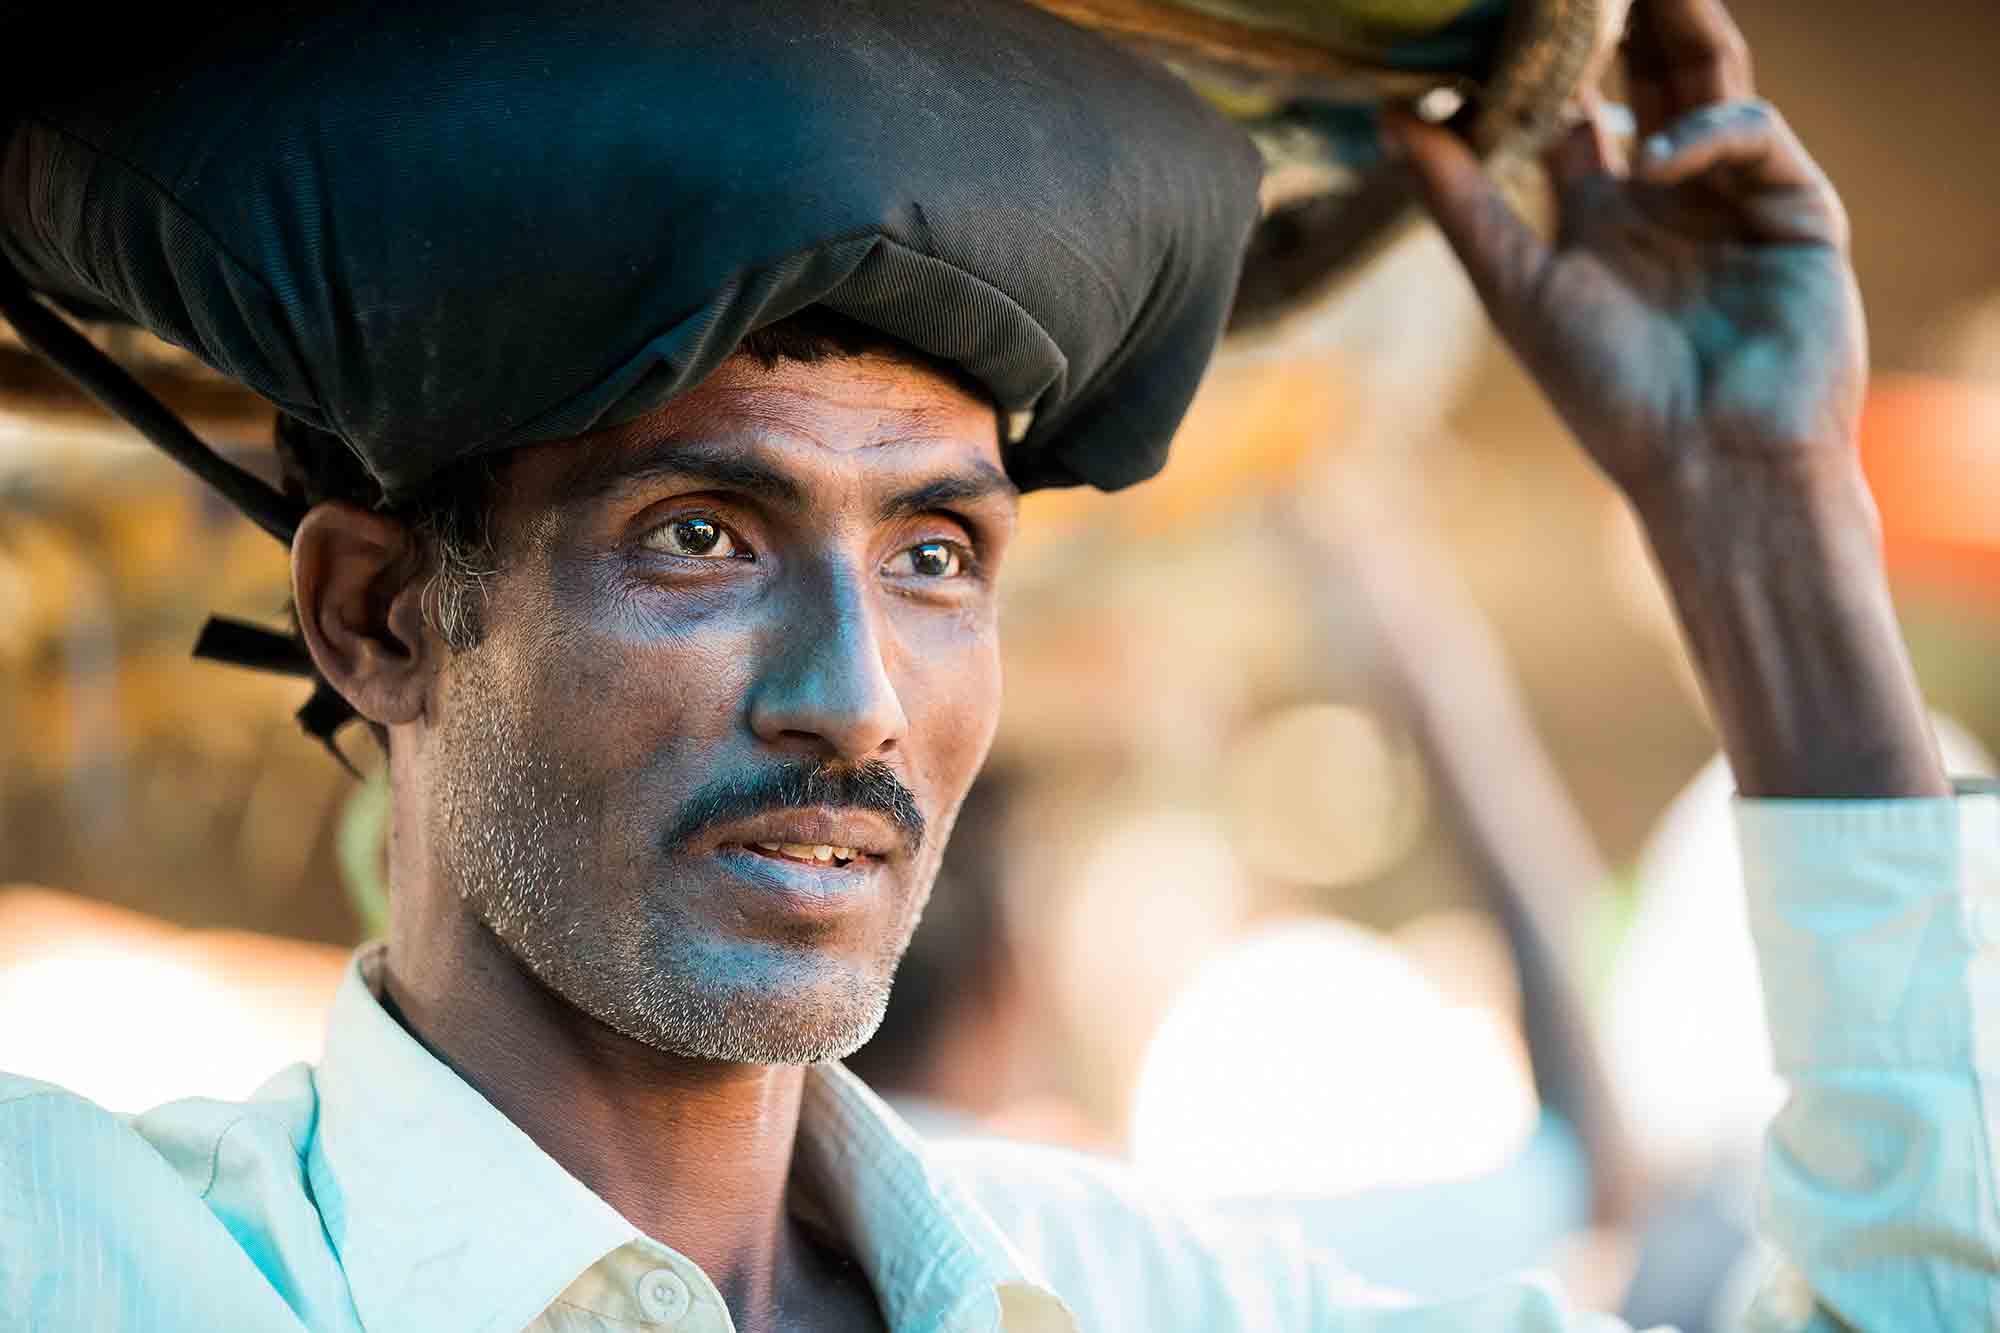 portrait-Mechhua-Fruit-Market-worker-kolkata-india-2